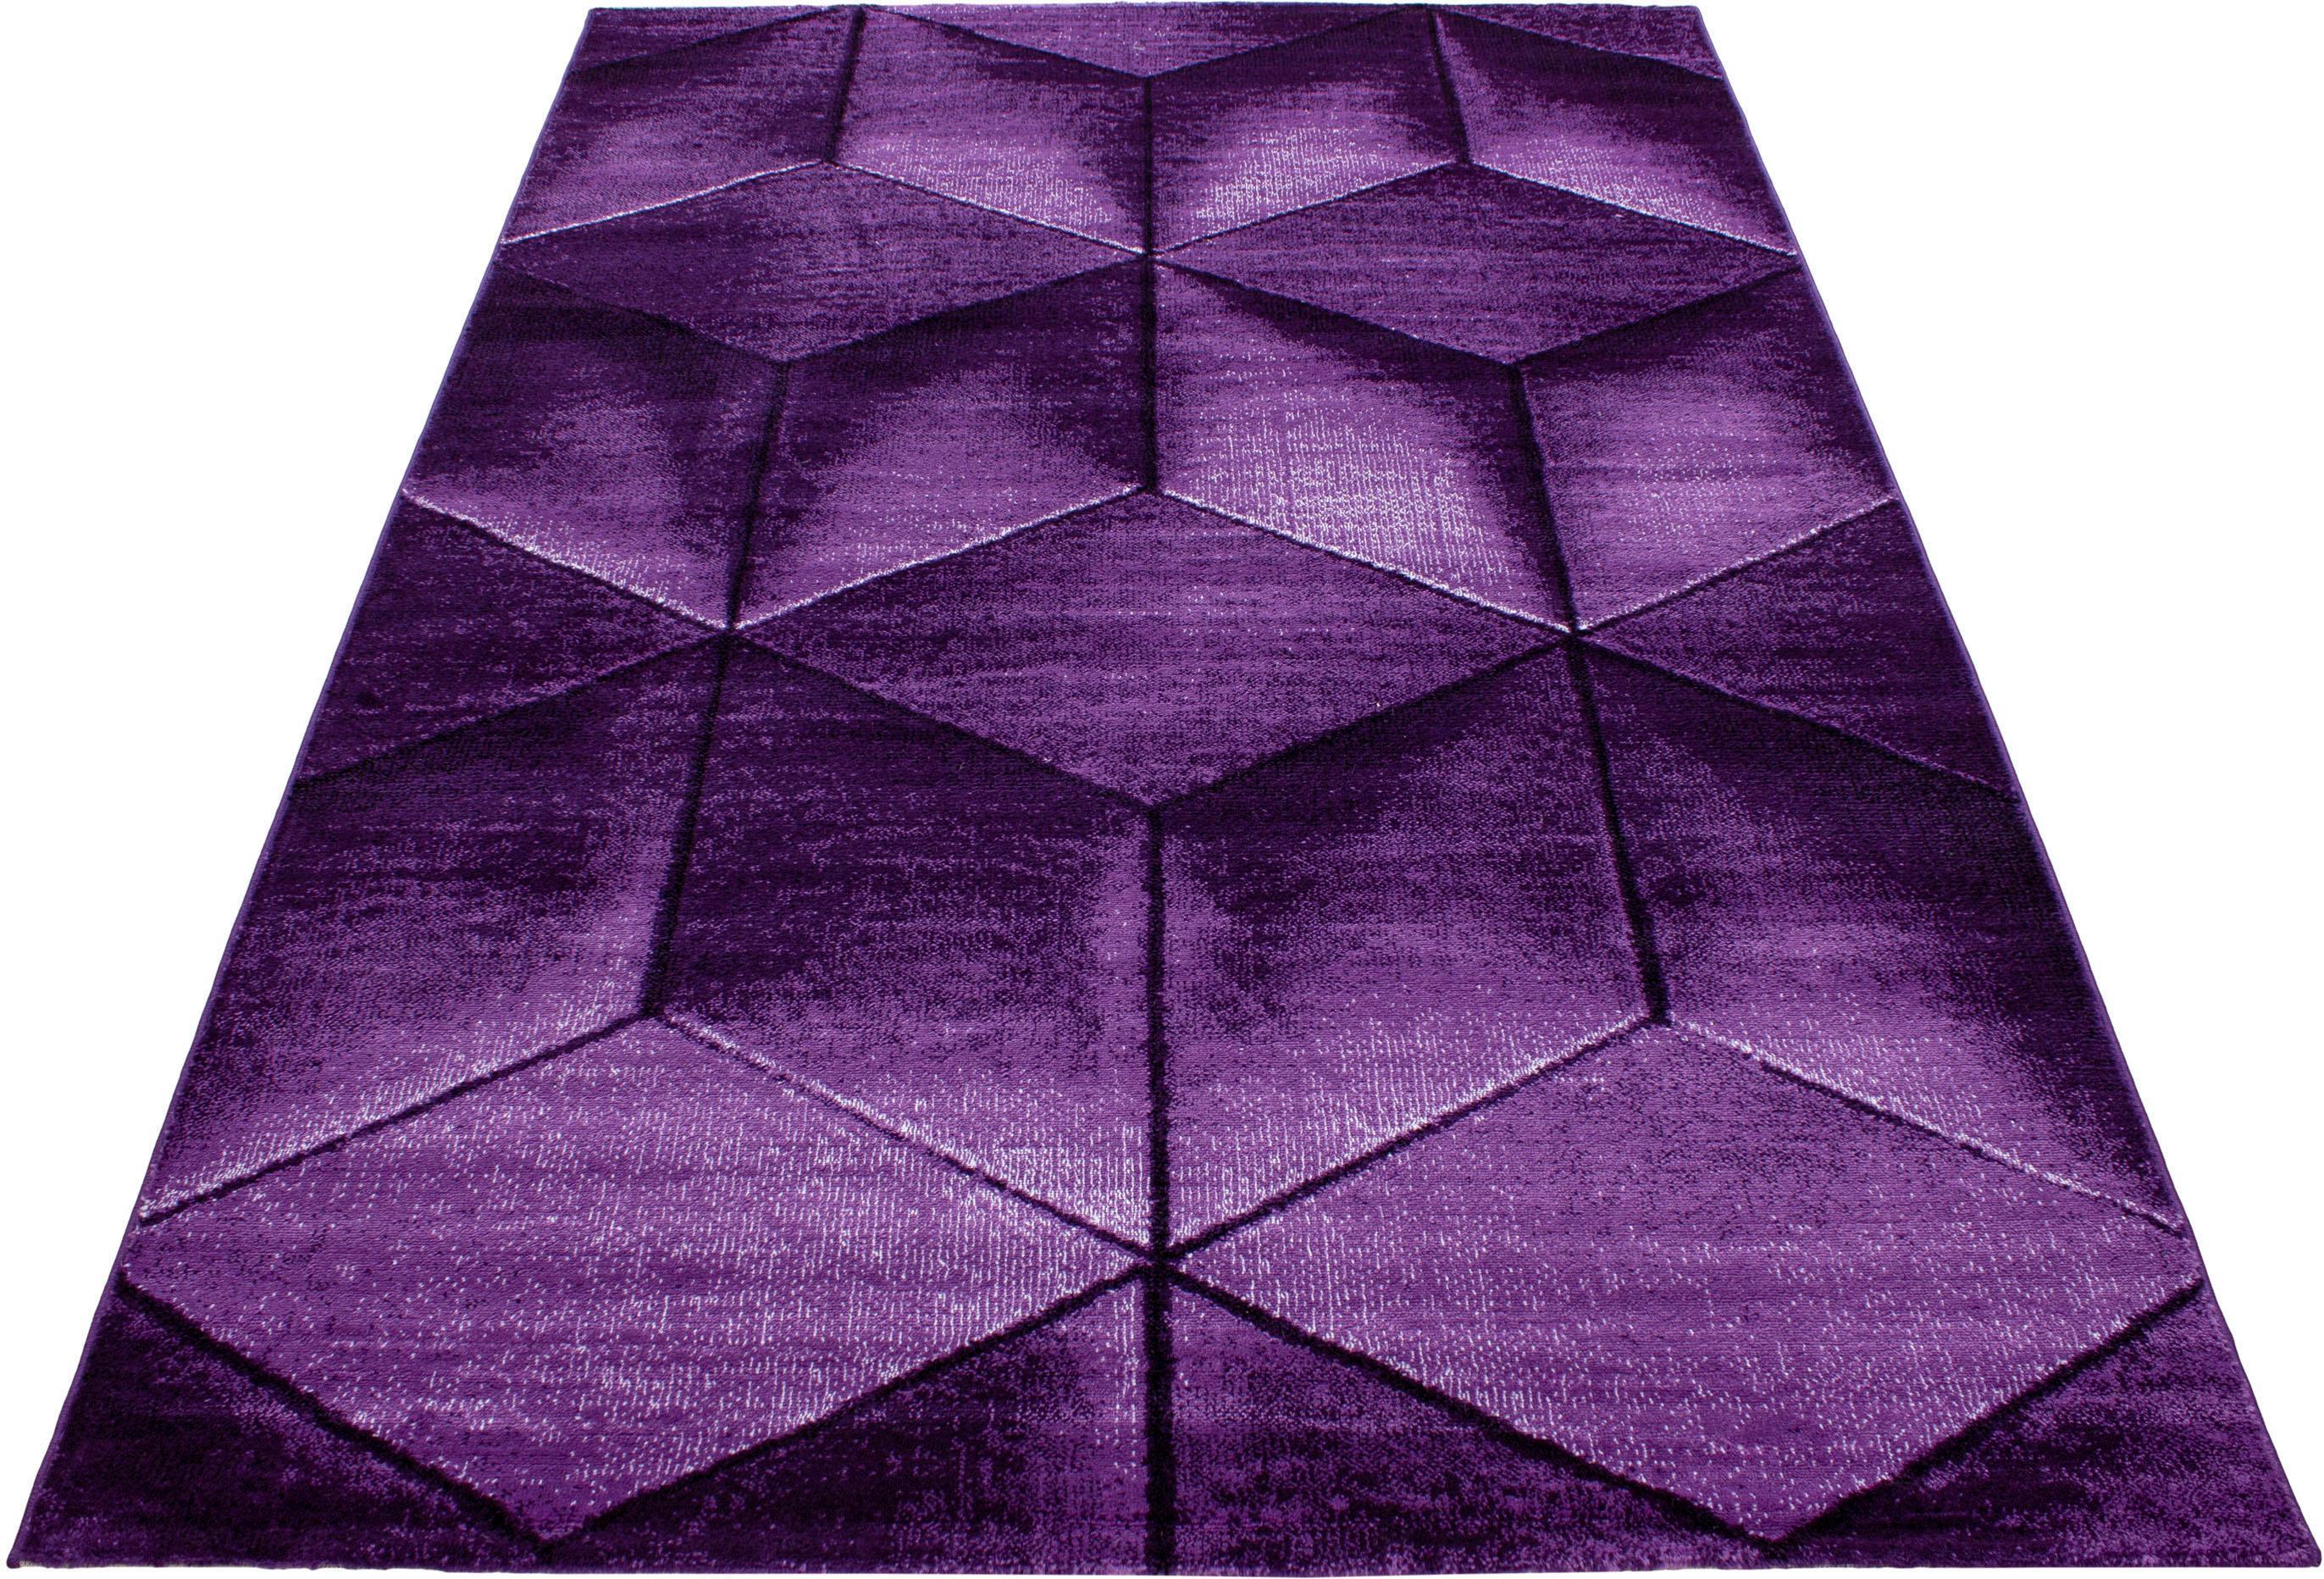 Teppich Parma 9290 Ayyildiz rechteckig Höhe 9 mm maschinell gewebt